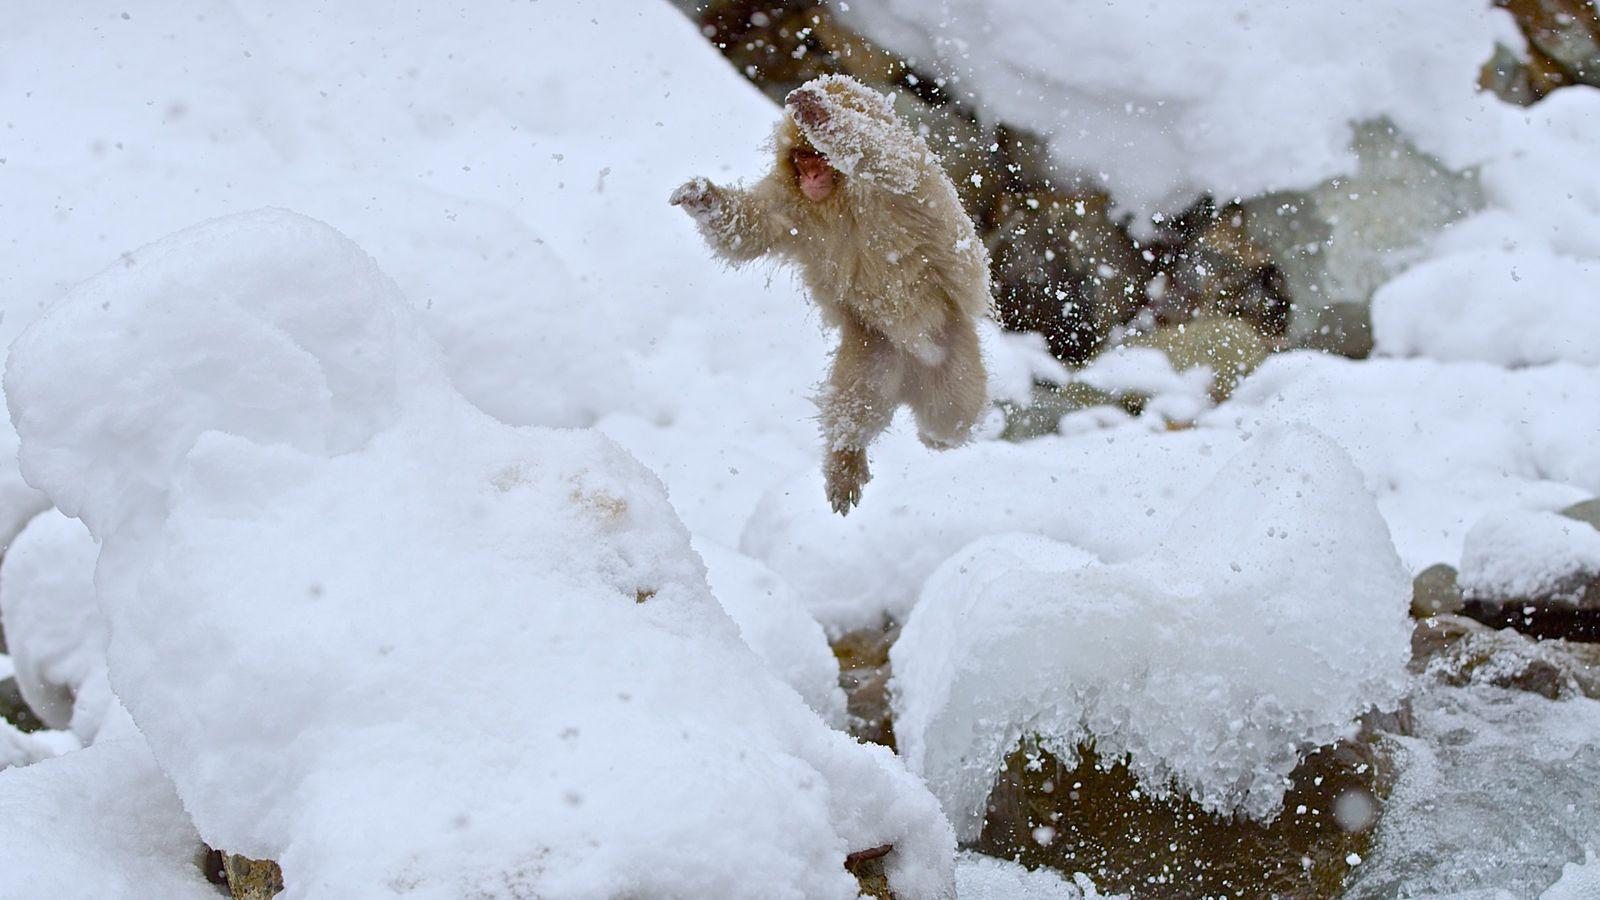 Hiro, un macaque japonais, court dans la neige au cœur des Alpes japonaises. Les macaques japonais sont ...